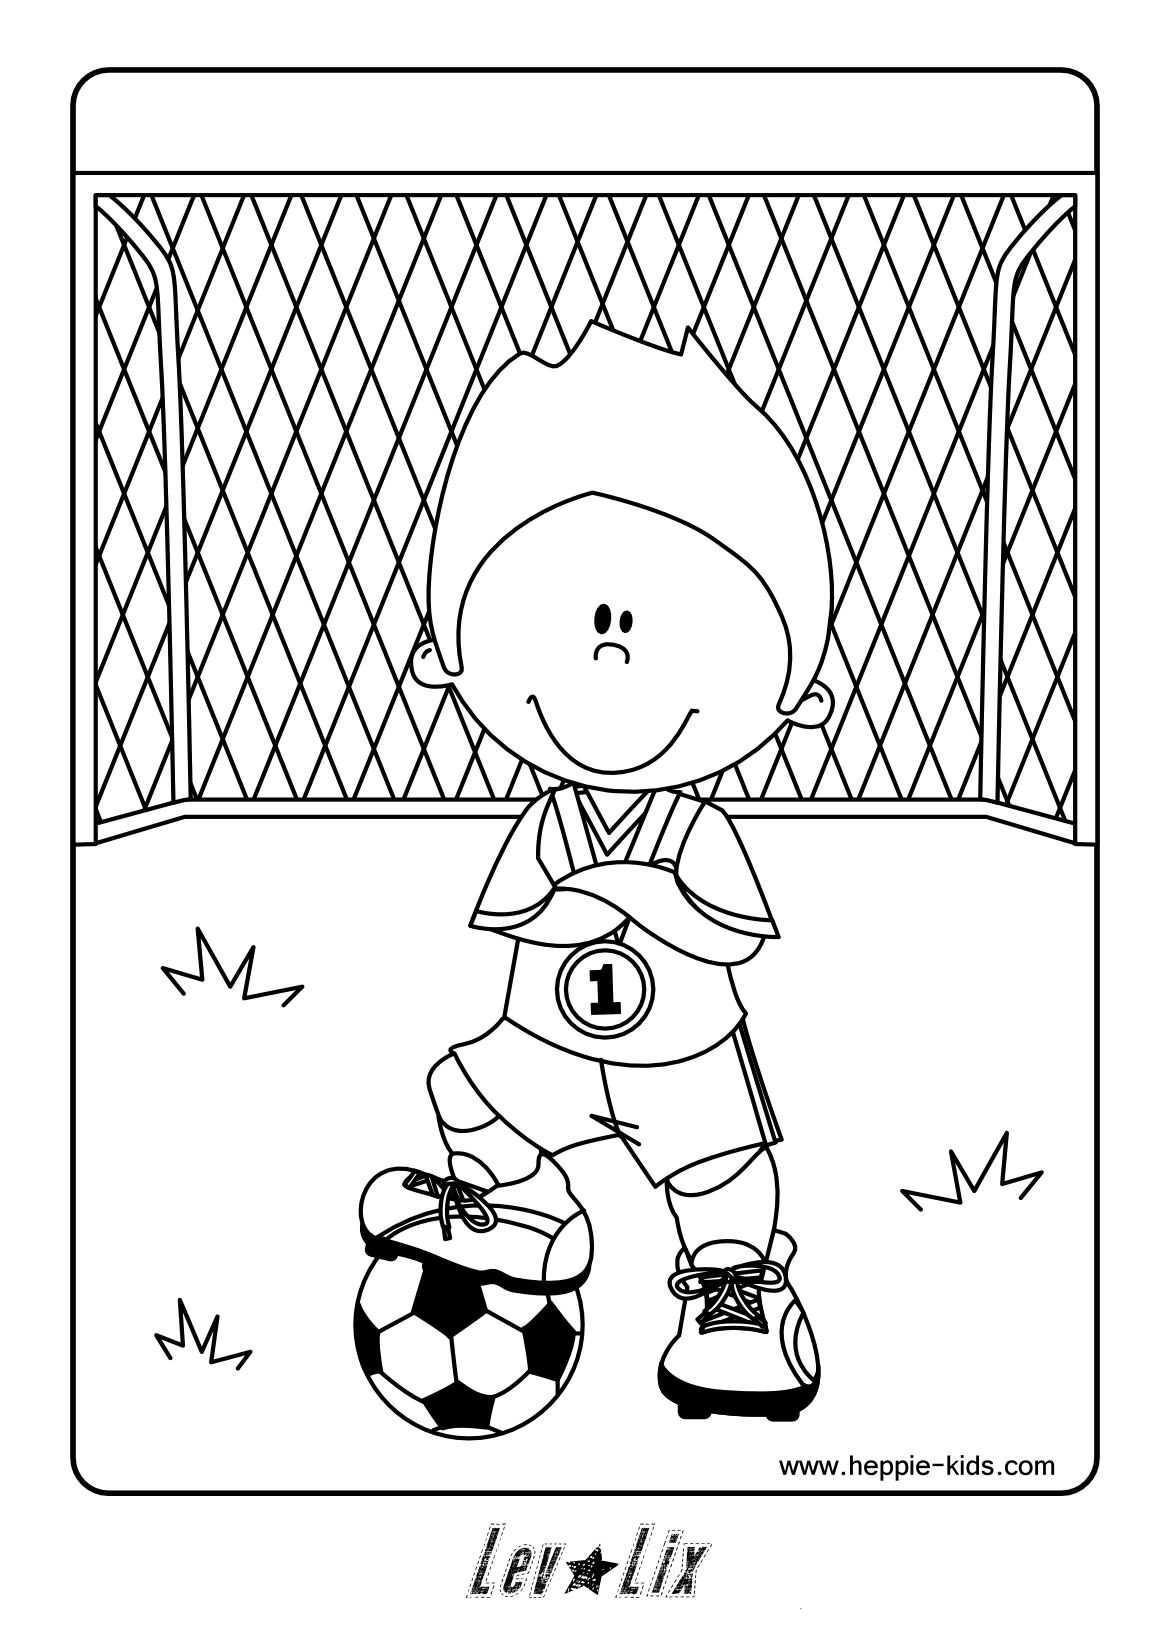 Kleurplaat Voetbal Voetbal Vaderdag Knutselen Voetbal Kleurplaten